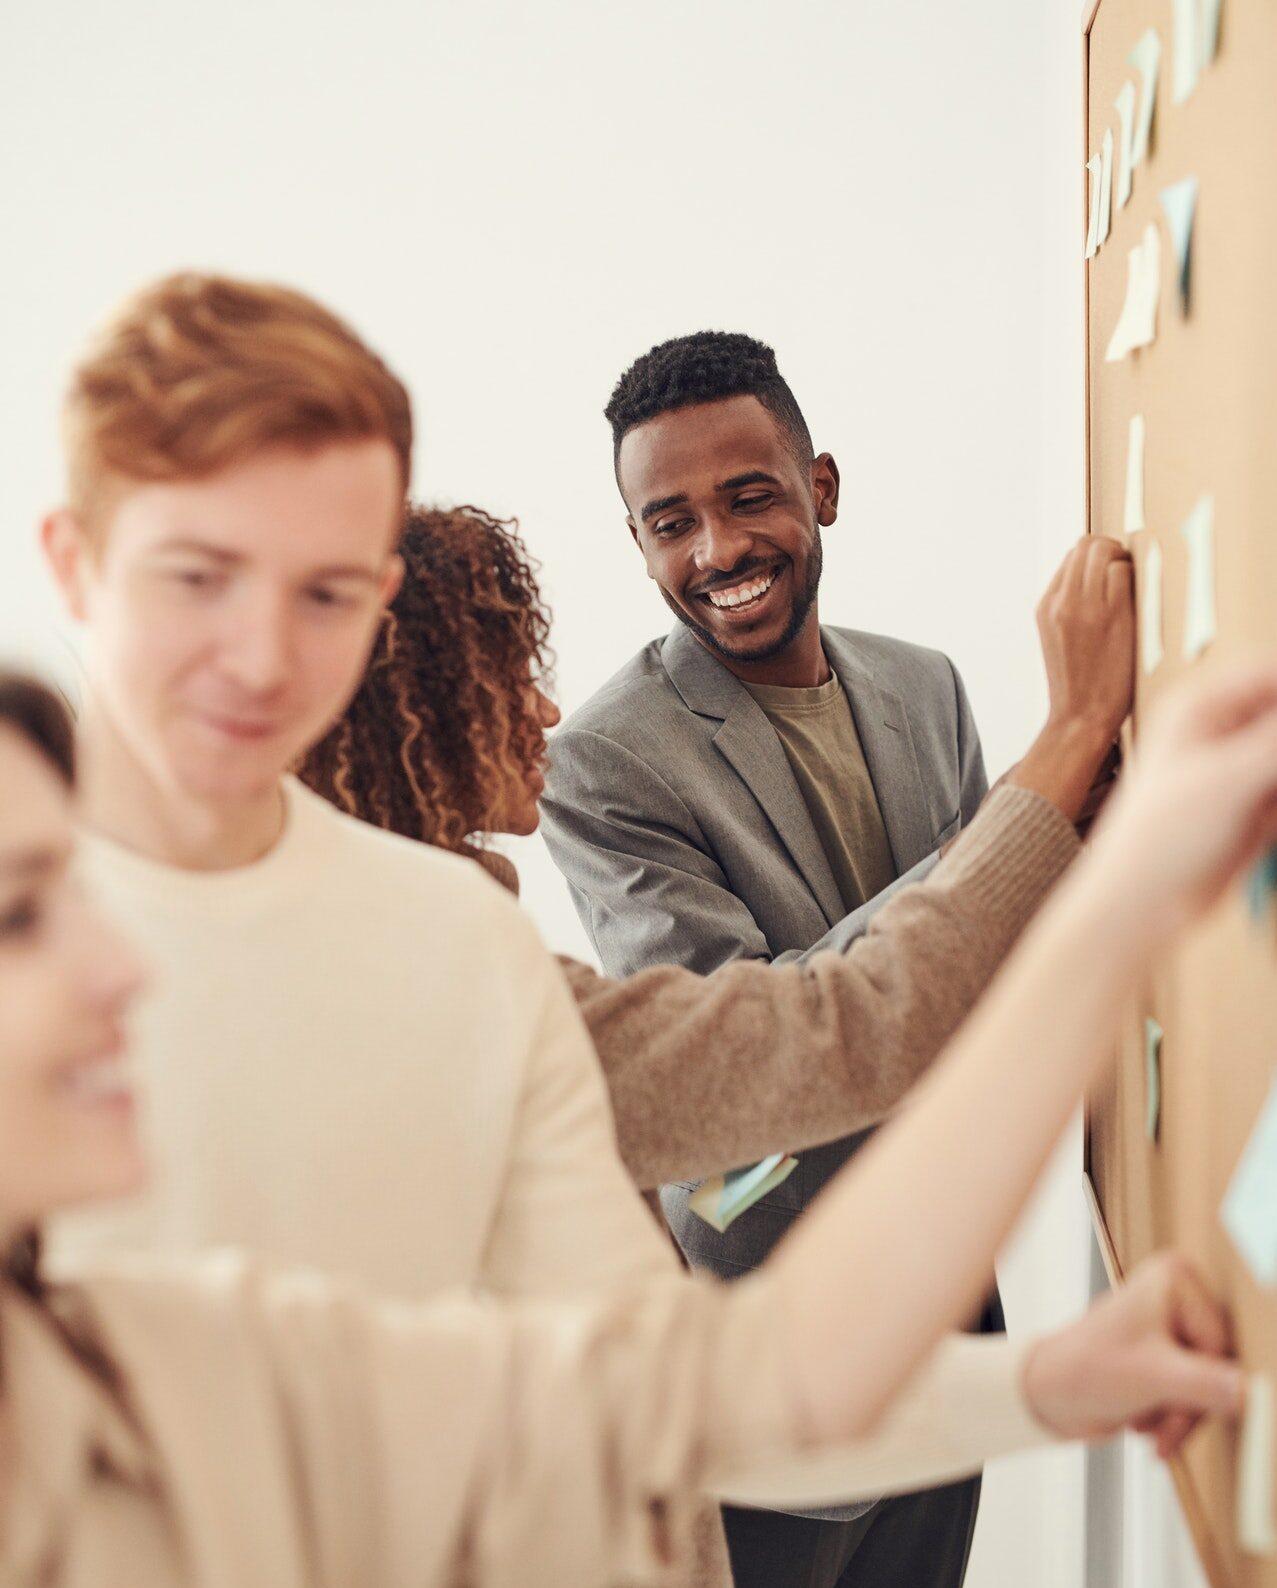 avec Scrum-Master.org retrouvez votre Coach Agile, Product Owner ou Scrum Master en Freelance rapidement et pas cher. bon salaire freelance métier Agile. envoyez nous votre fiche de poste et votre budget (tjm net)